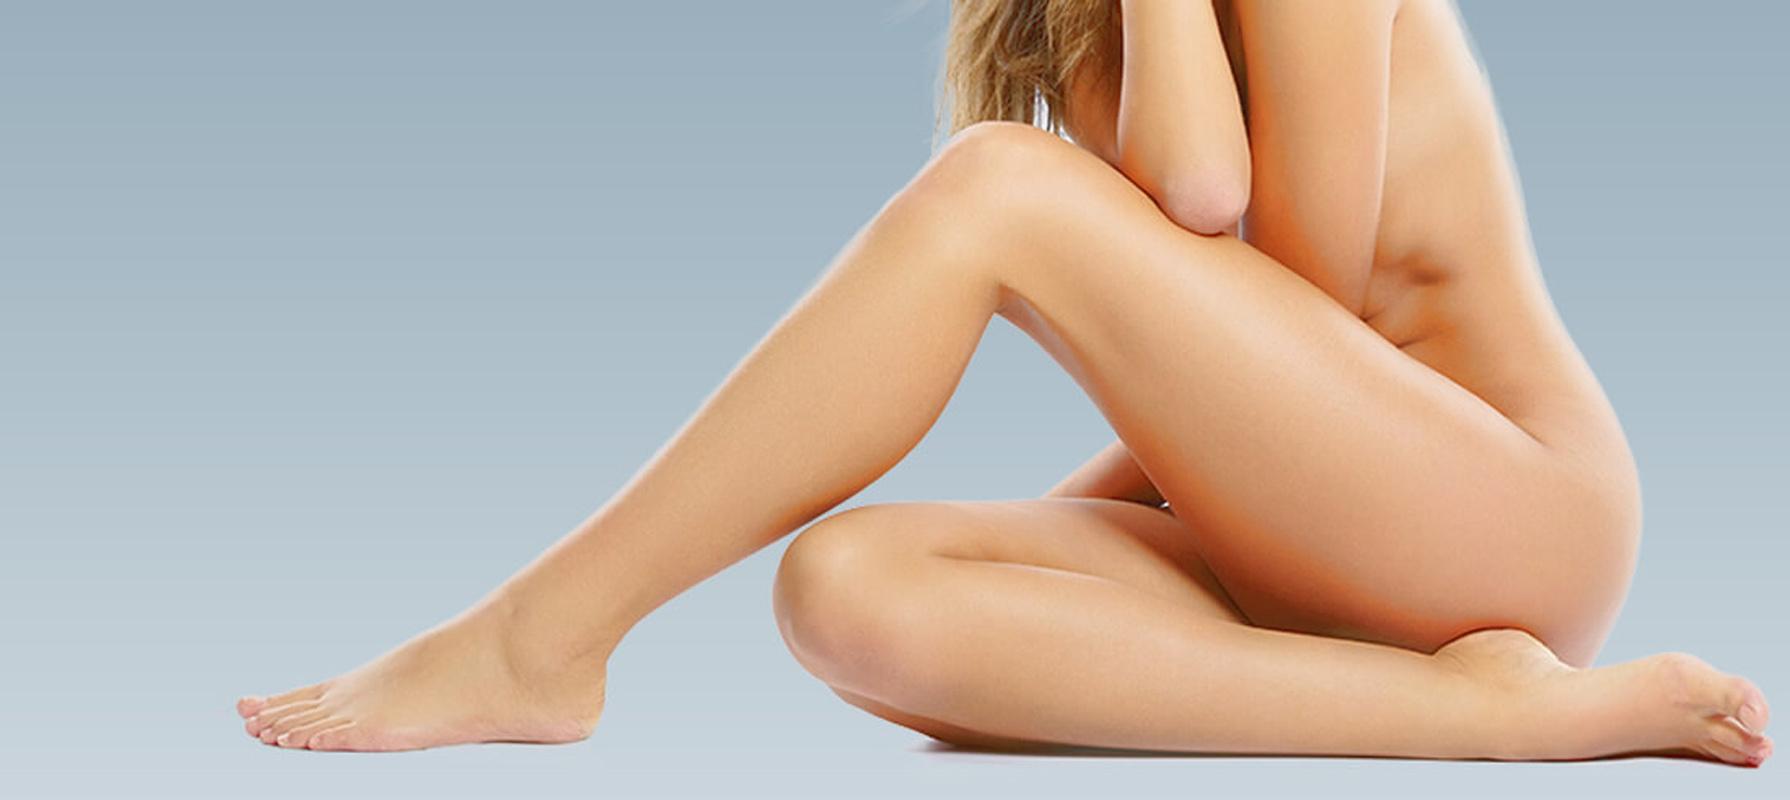 Liposuzione caviglie Milano, il Dottor Raoul Novelli, annoverato tra i migliori chirurghi plastici